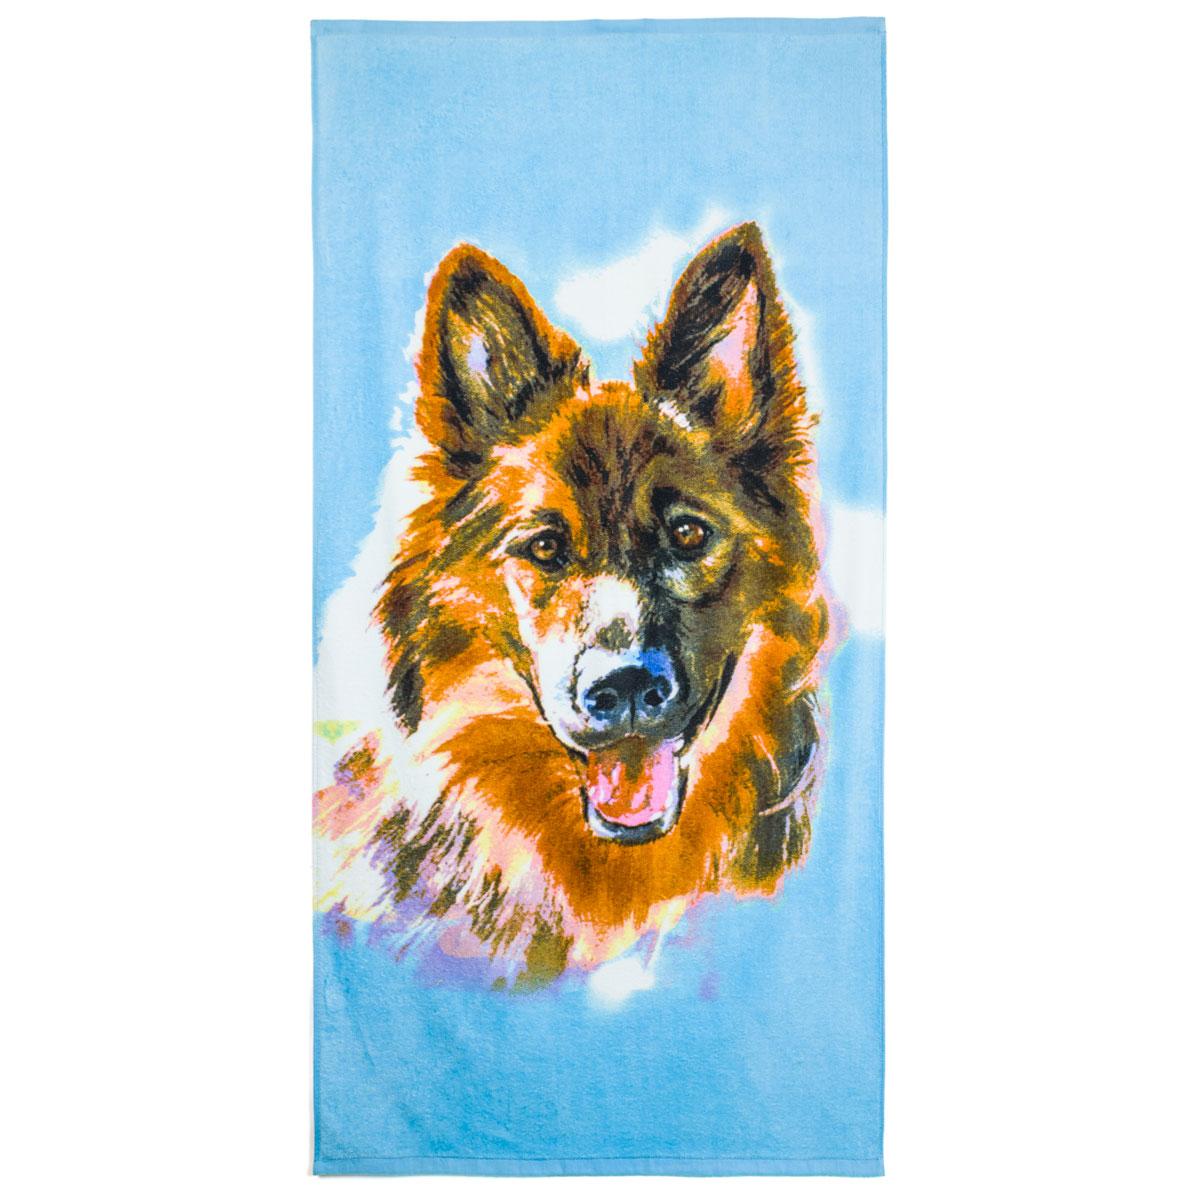 Полотенце С символом 2018 года Зеленый р. 65х135Махровые полотенца<br>Плотность ткани: 330 г/кв. м<br><br>Тип: Полотенце<br>Размер: 65х135<br>Материал: Махра